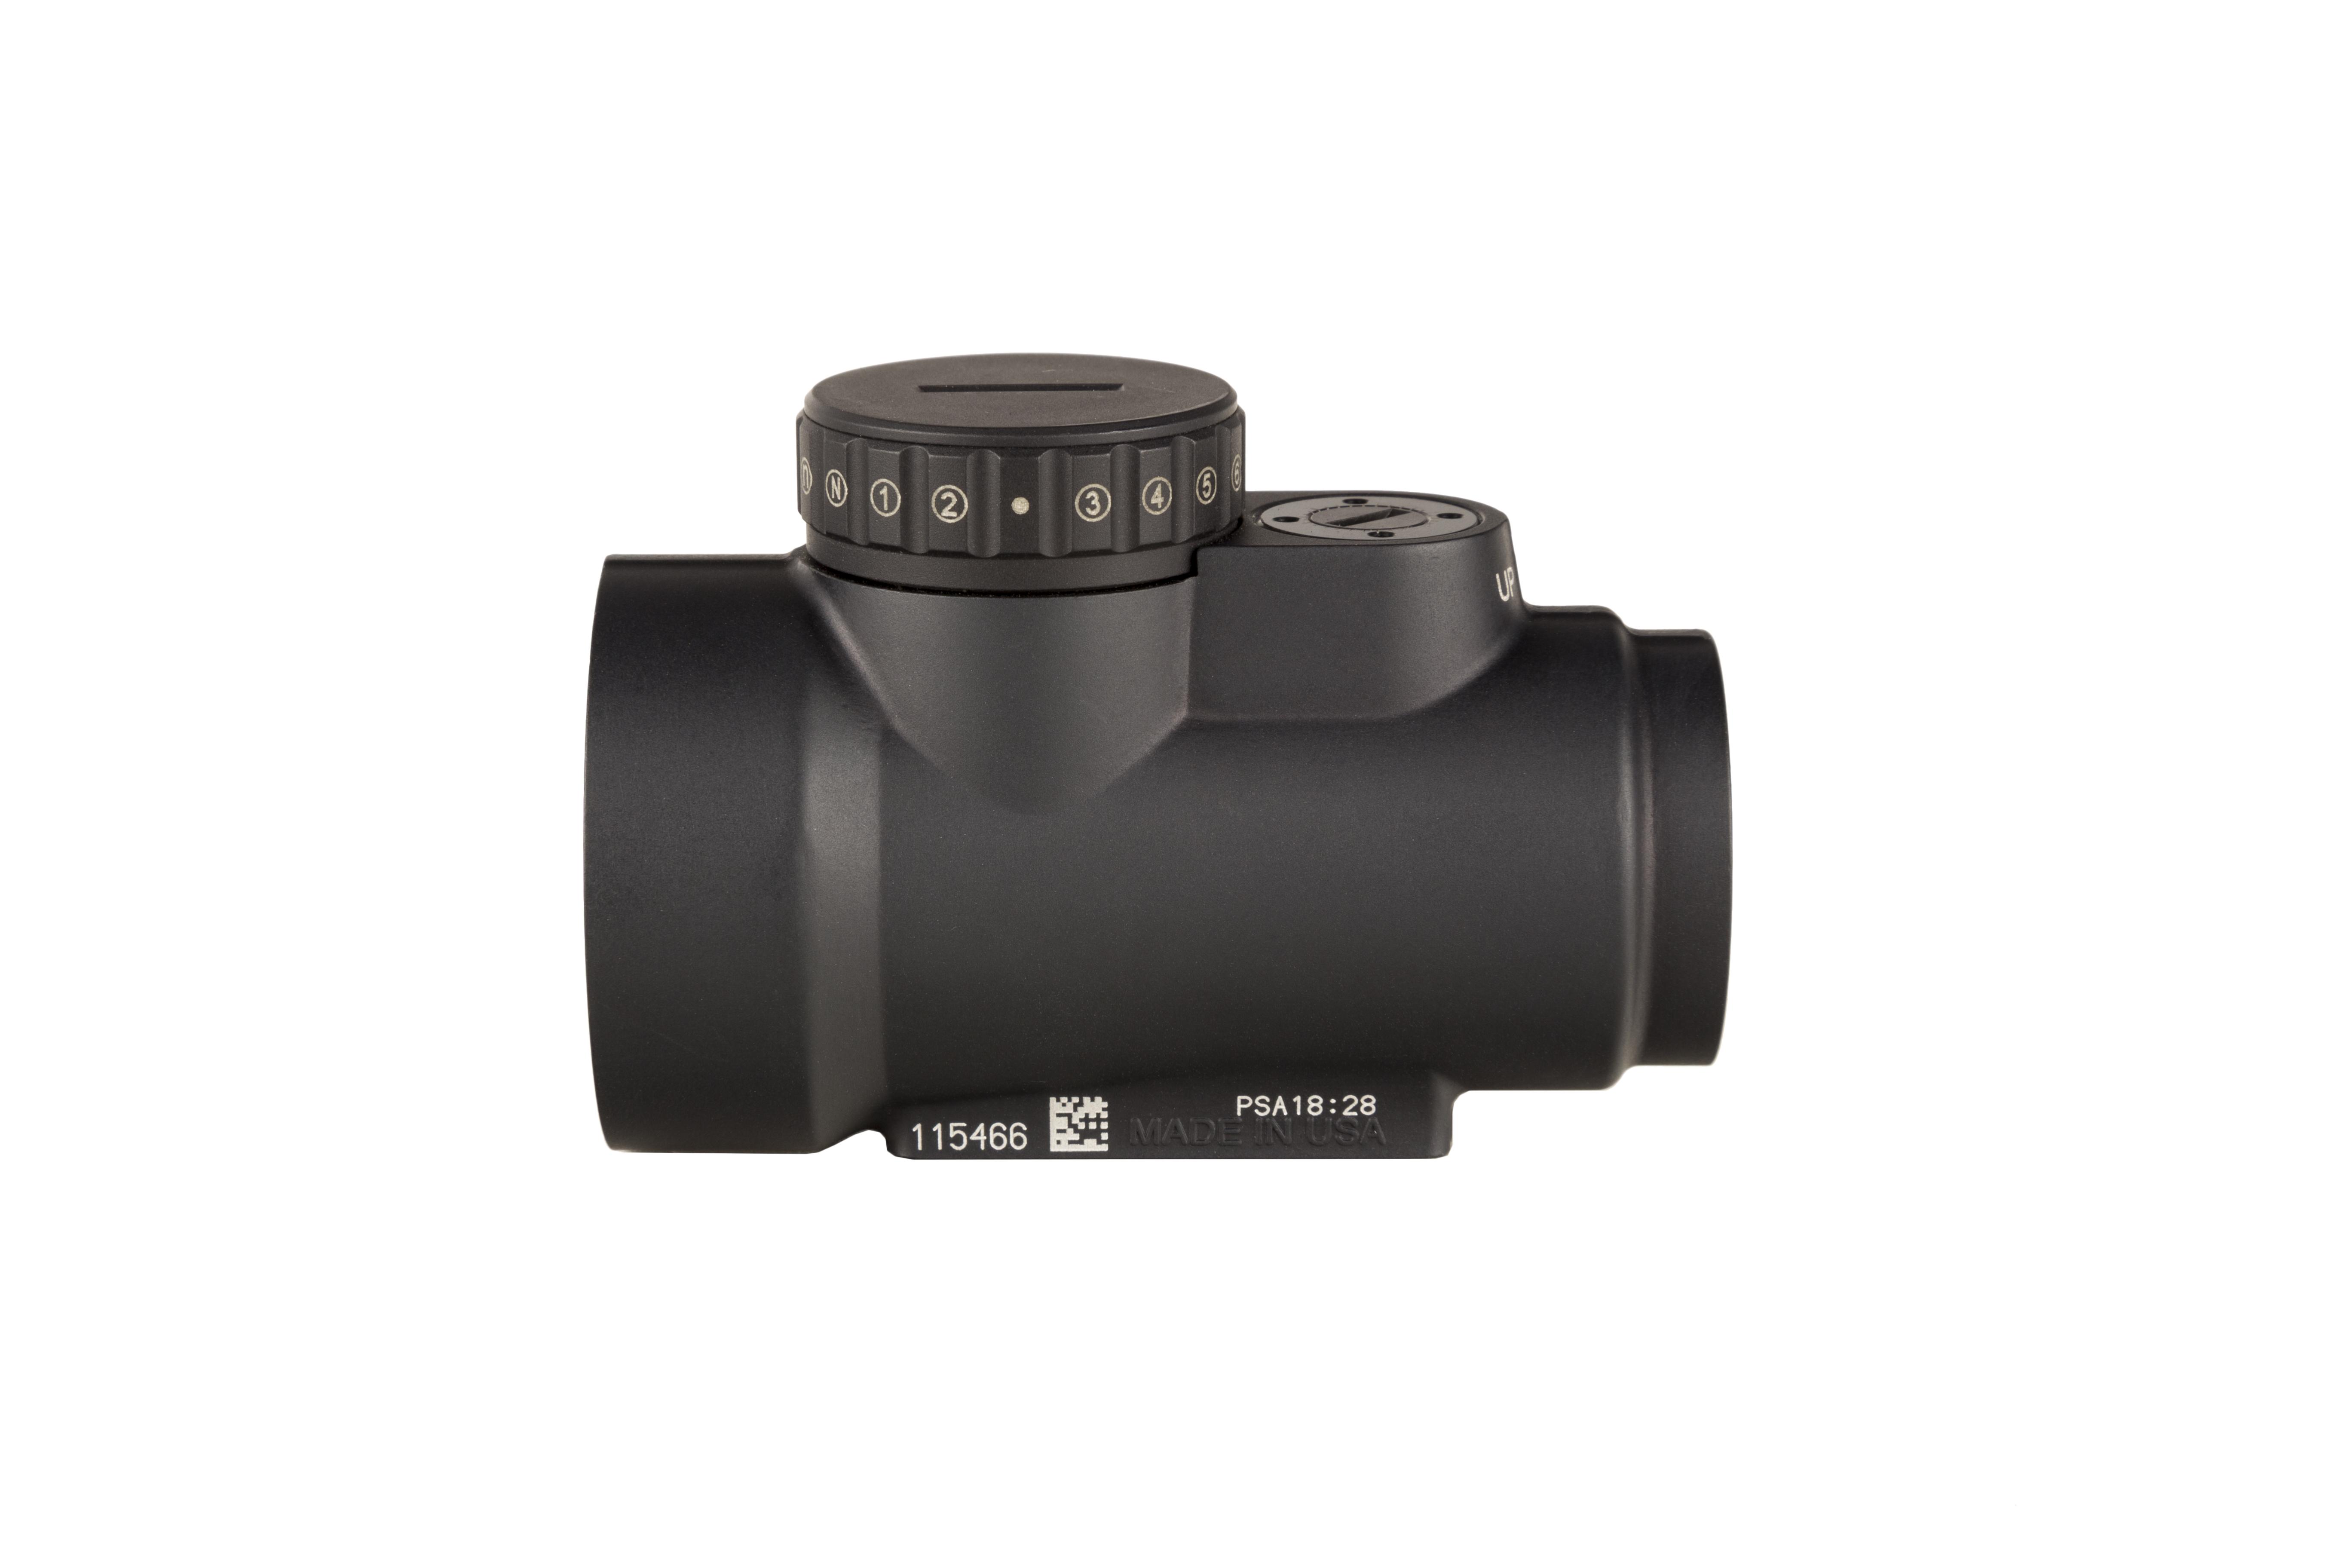 MRO-C-2200050 angle 2